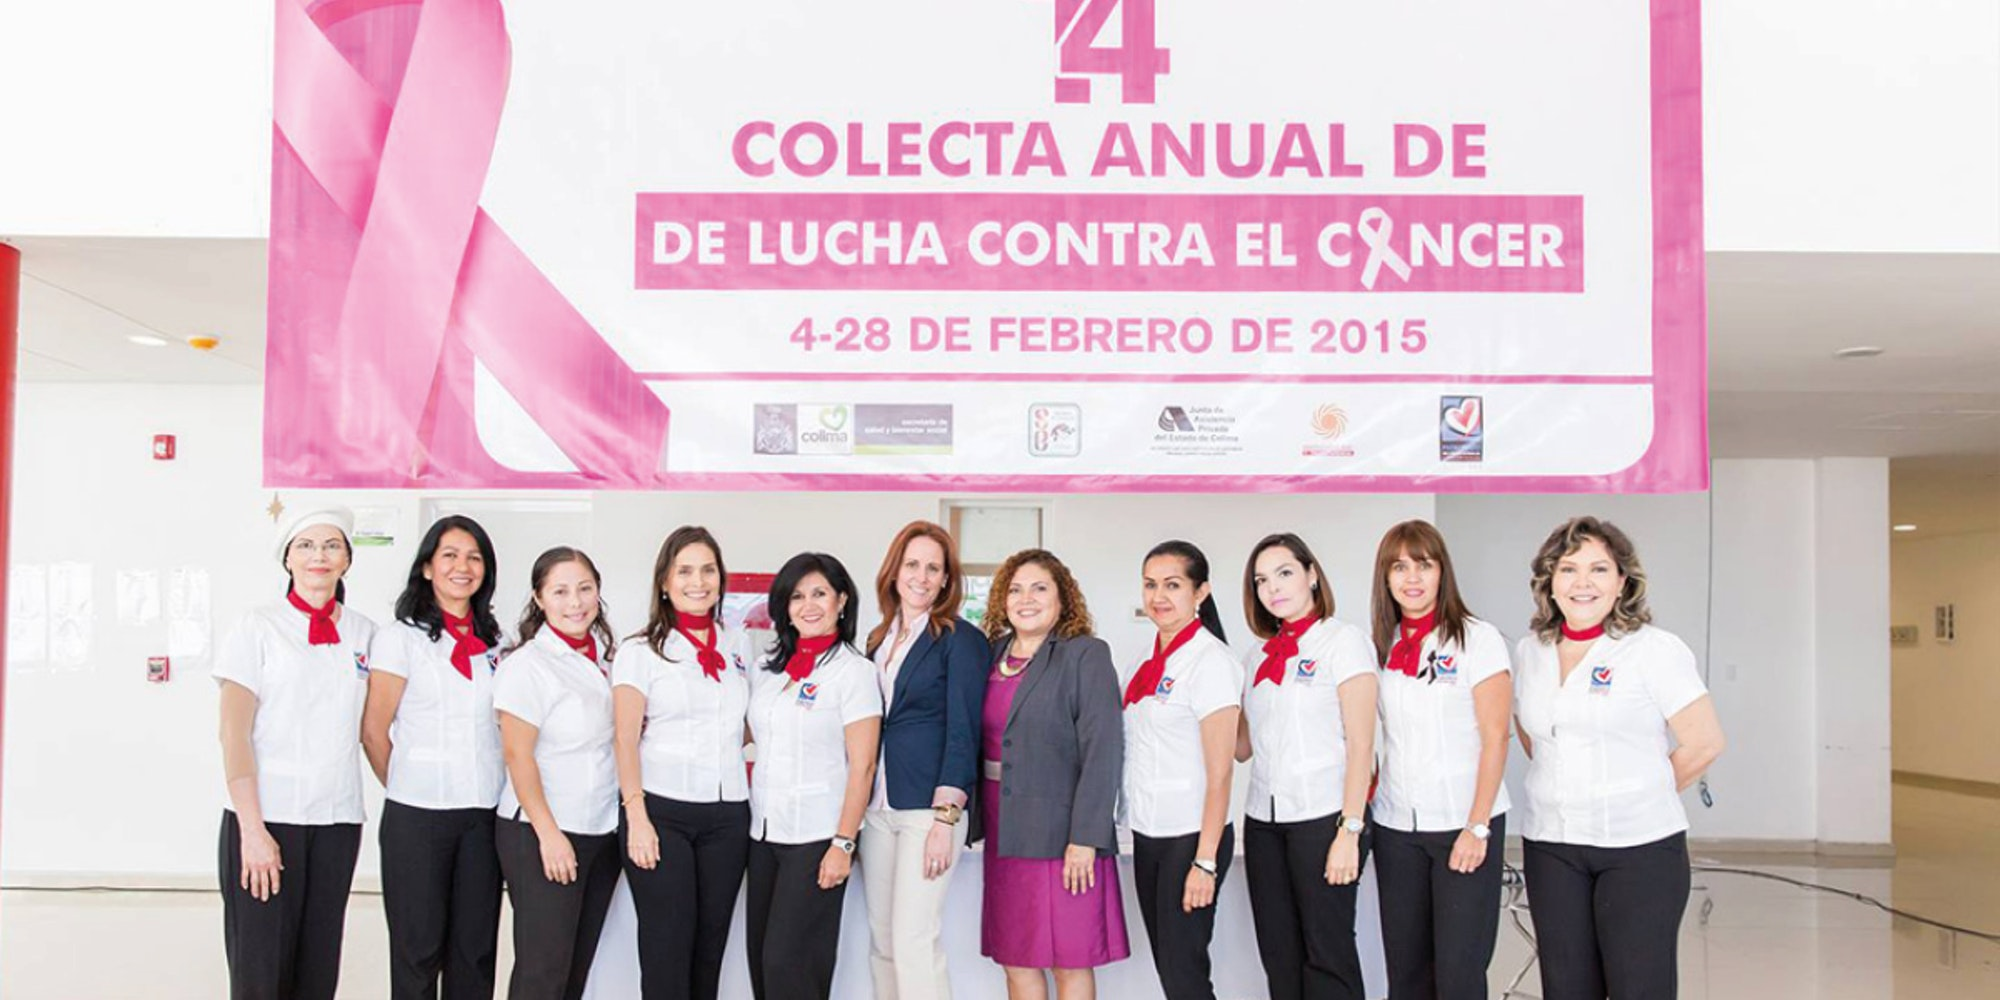 Cover Image for Inician actividades de la 14a Colecta Anual de Lucha Contra el Cáncer.